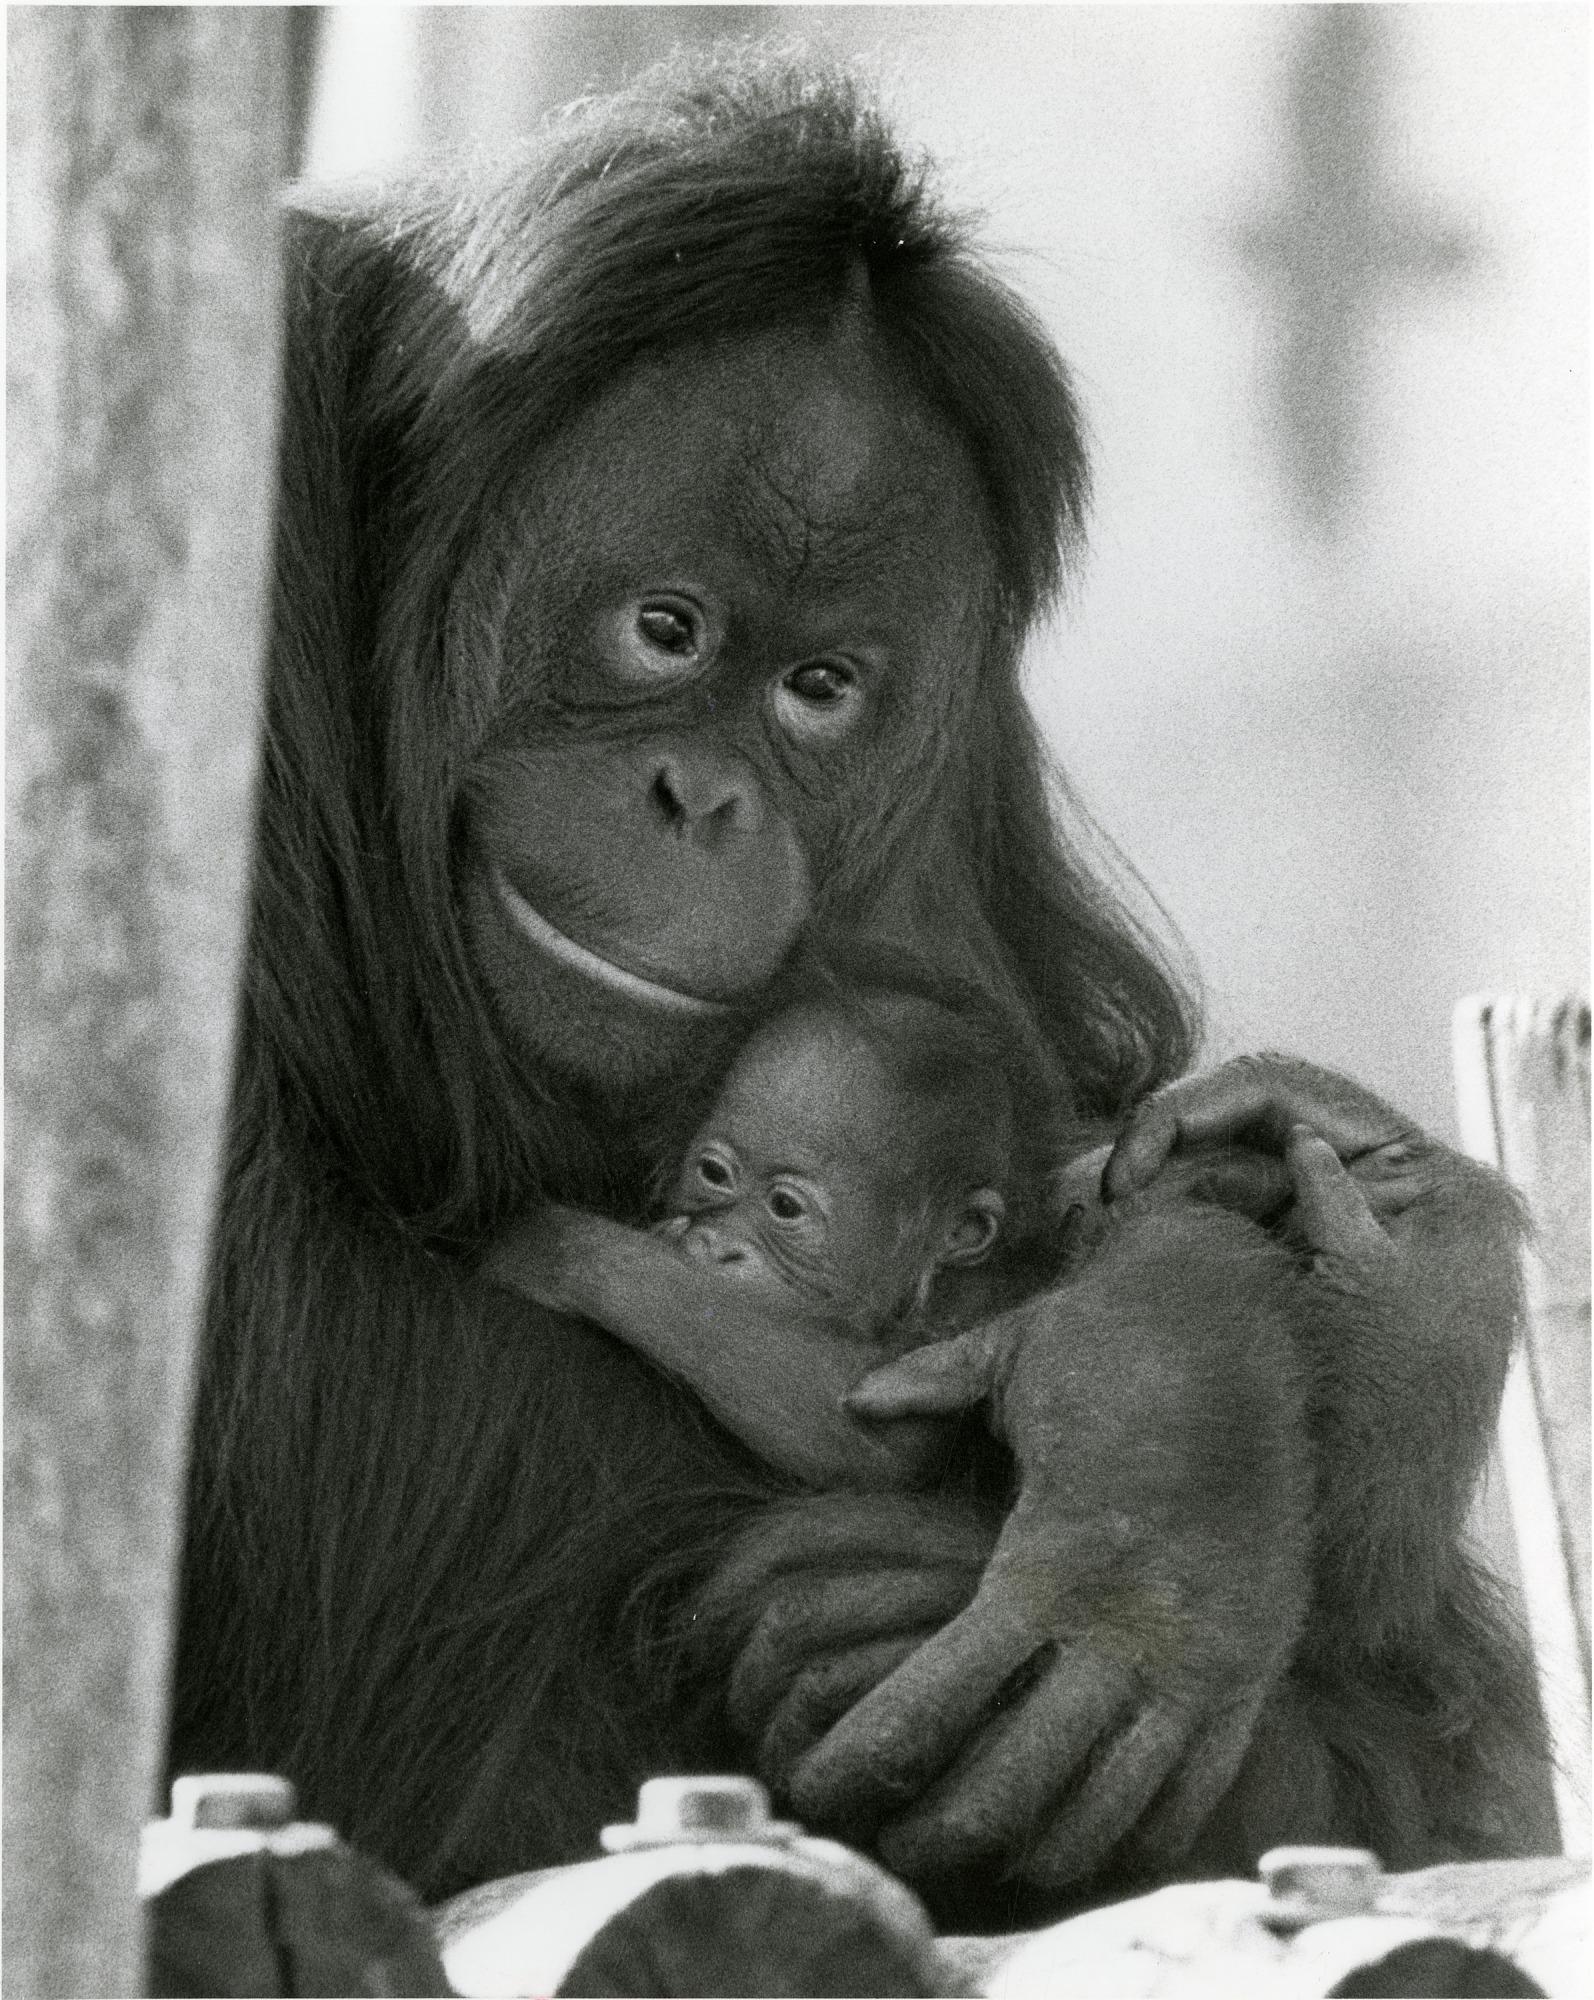 NZP's Orangutans, Bonnie and Baby Kiko